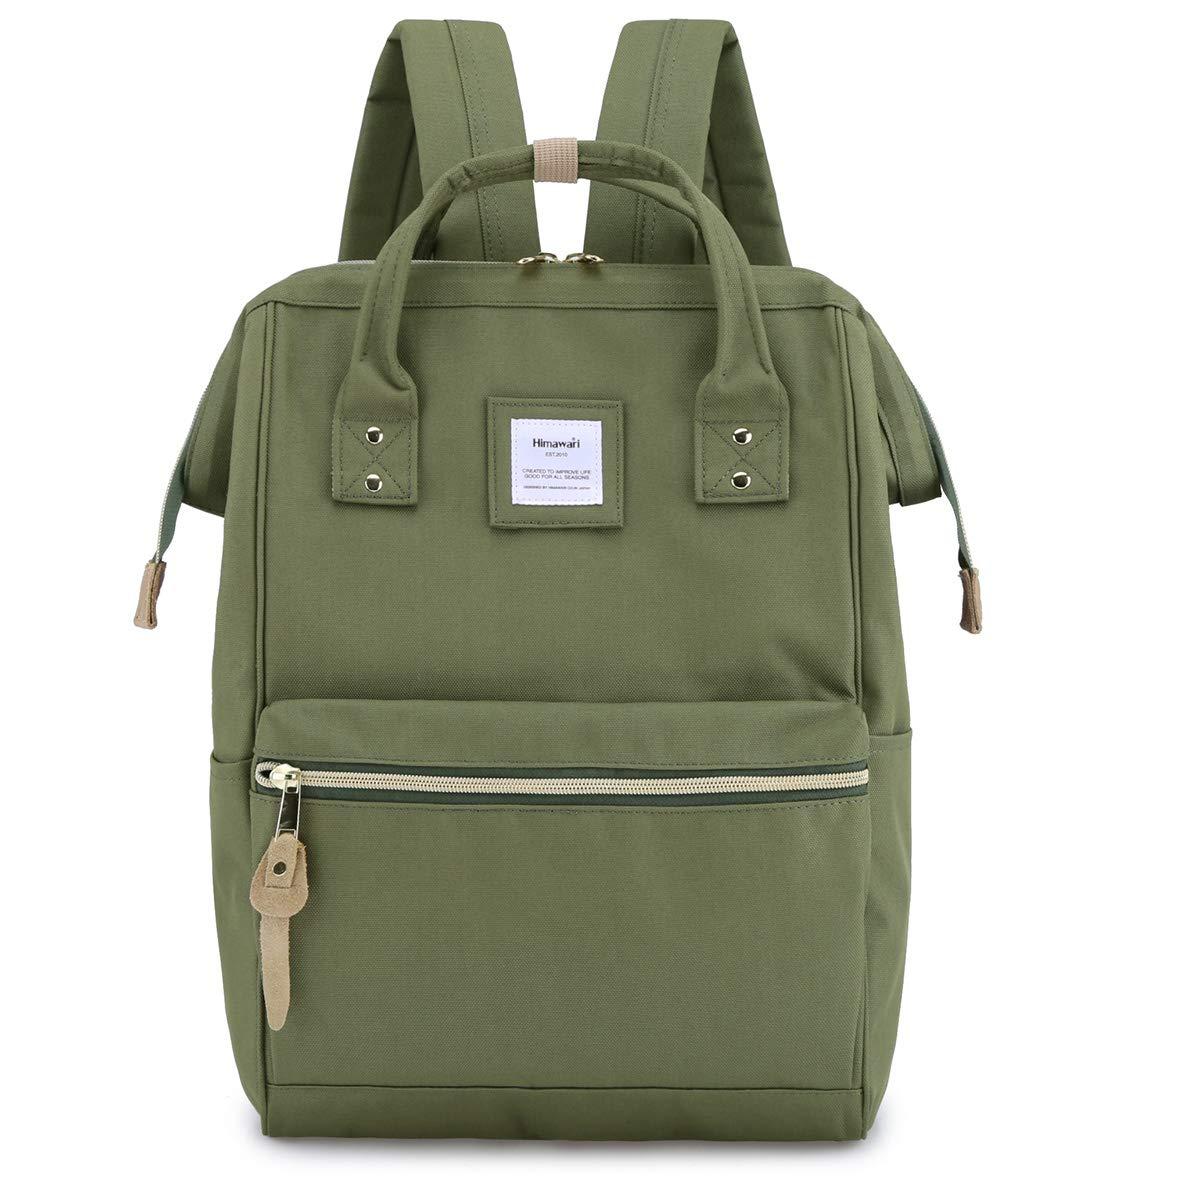 Himawari Laptop Backpack Travel Backpack With USB Charging Port Large Diaper Bag Doctor Bag School Backpack for Women&Men(9001-JL)